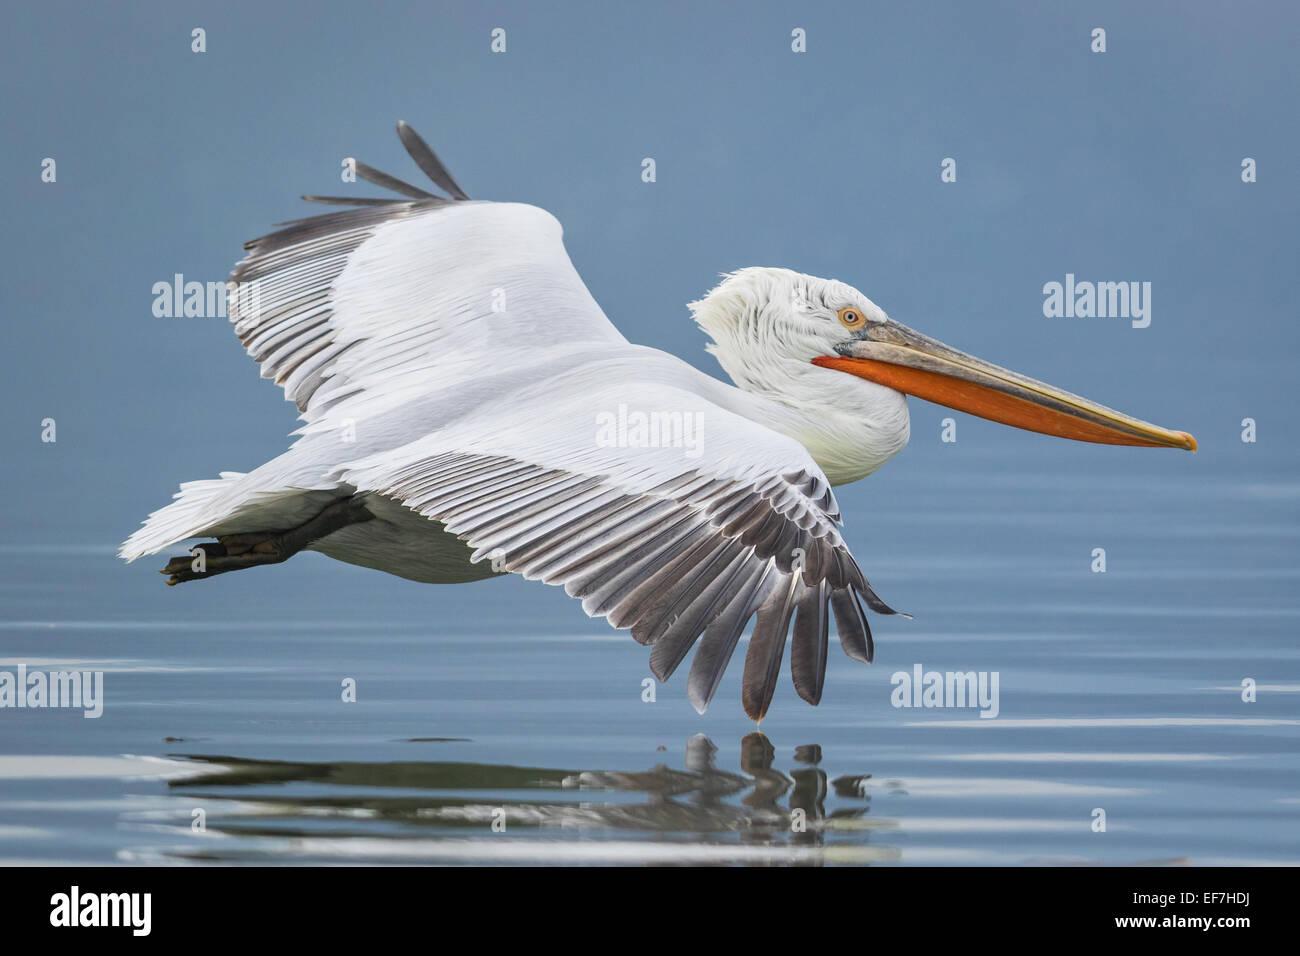 Dalmatian Pelican (Pelecanus crispus) flies across a near still Lake Kerkini in Northern Greece - Stock Image